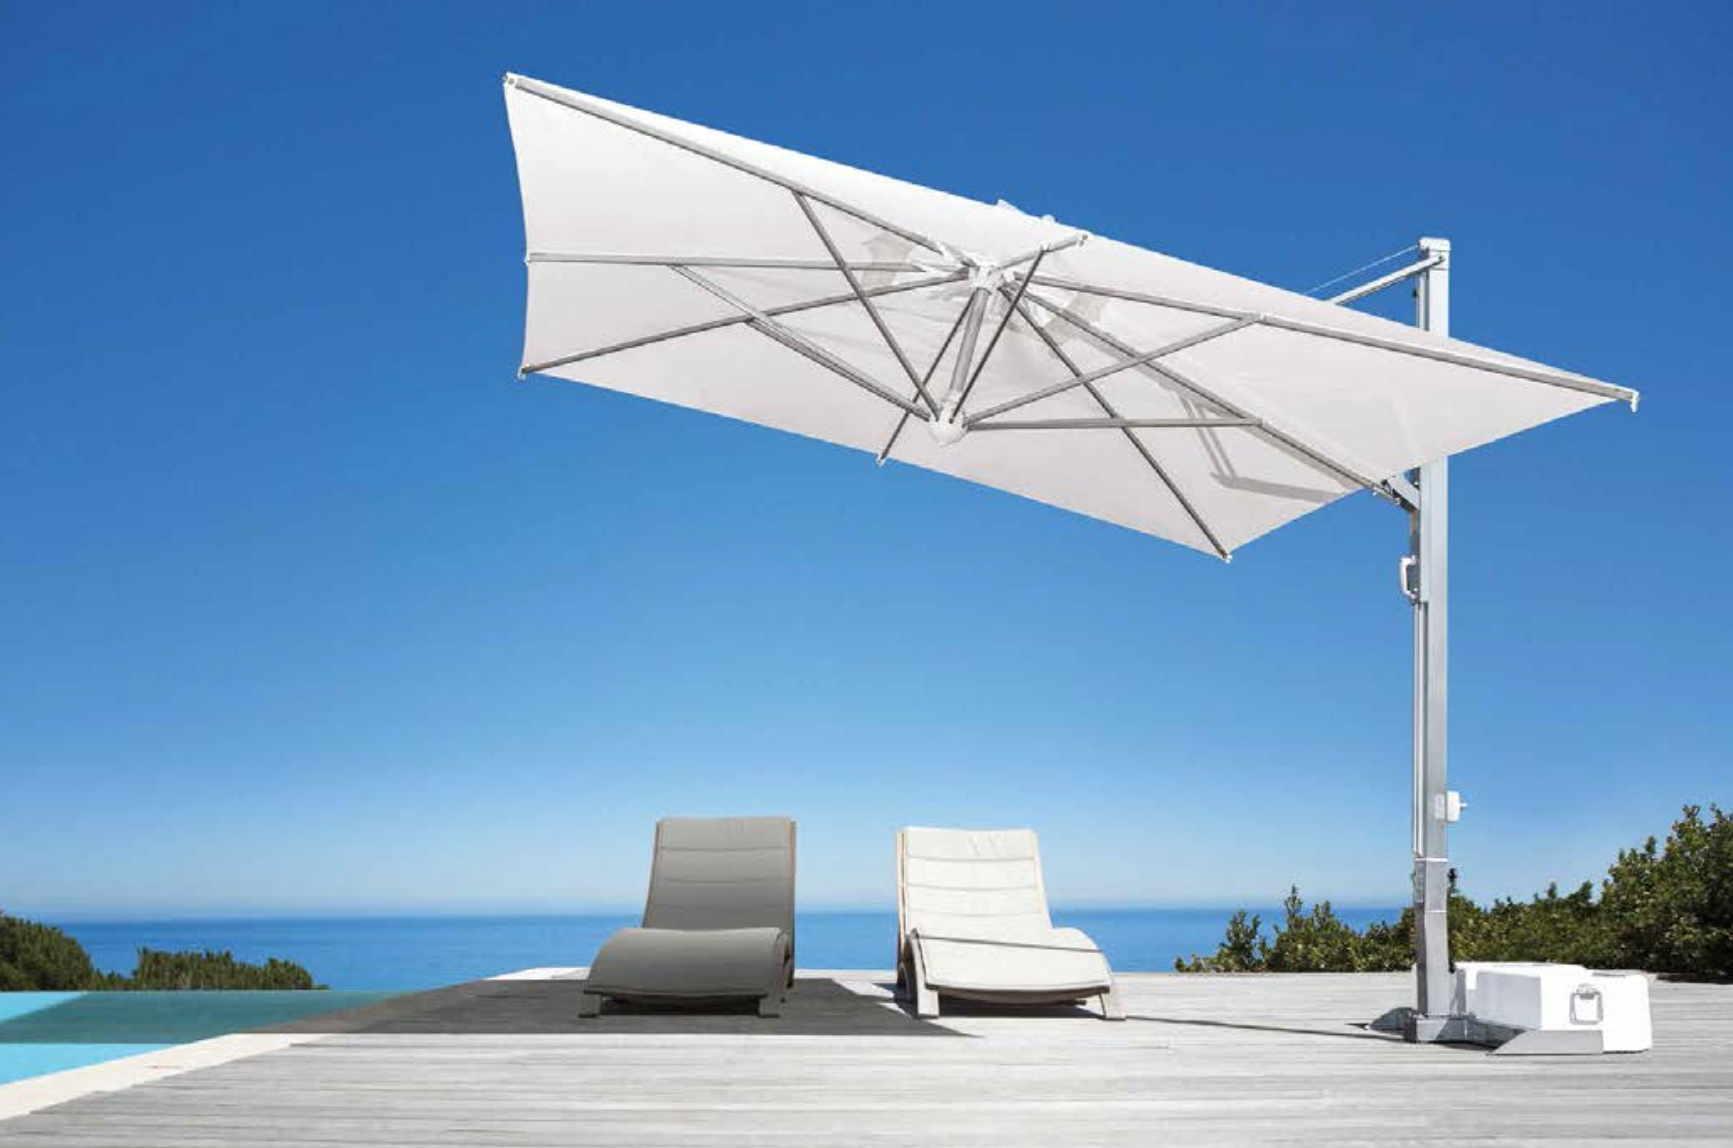 sonnenschirme ampelschirme f r garten und terrasse sonnenschirm. Black Bedroom Furniture Sets. Home Design Ideas